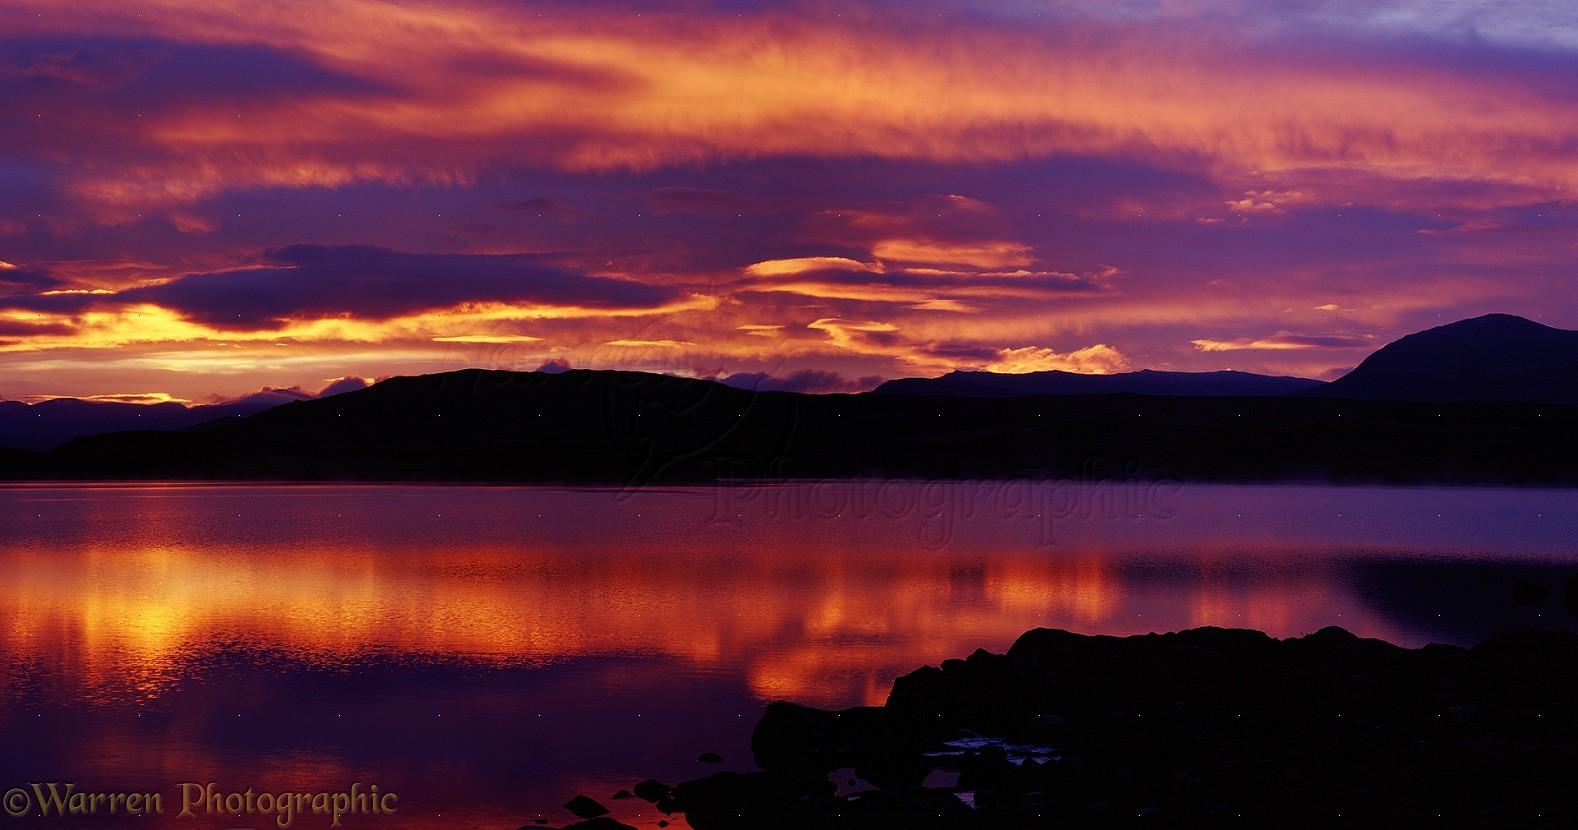 06584-Sunset-over-lake-in-Scotland.jpg